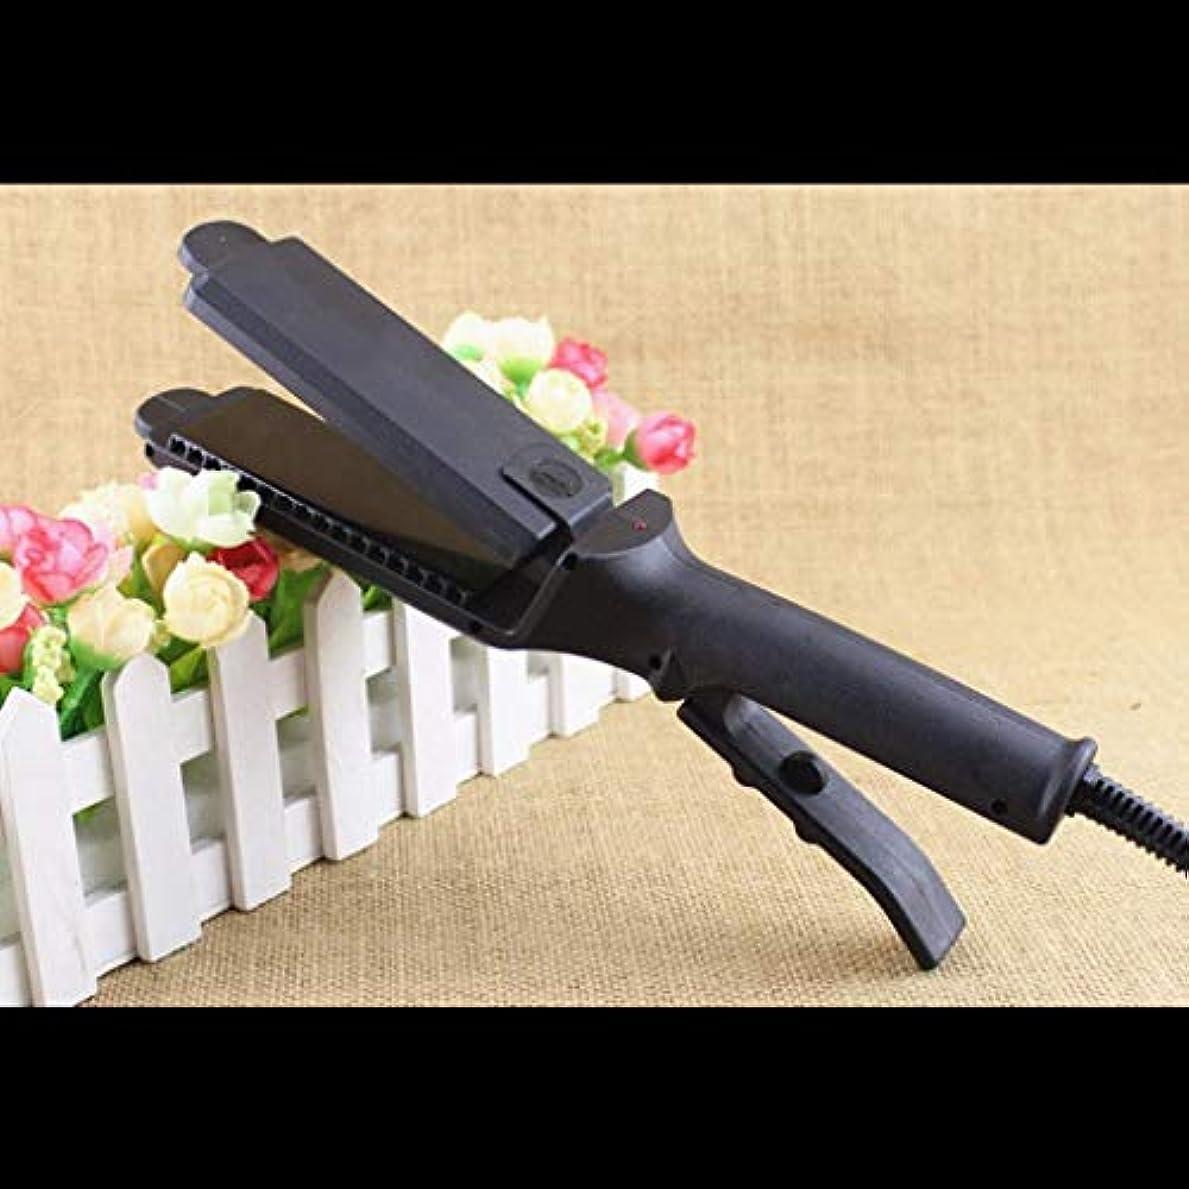 エンティティ憲法ハッチJWWOZ 4ストレートヘアアイロンサーモスタットマイナスイオンは髪を傷つけない、美容院の特別なトウモロコシホット合板空気前髪 ストレートヘアアイロン (Size : M)